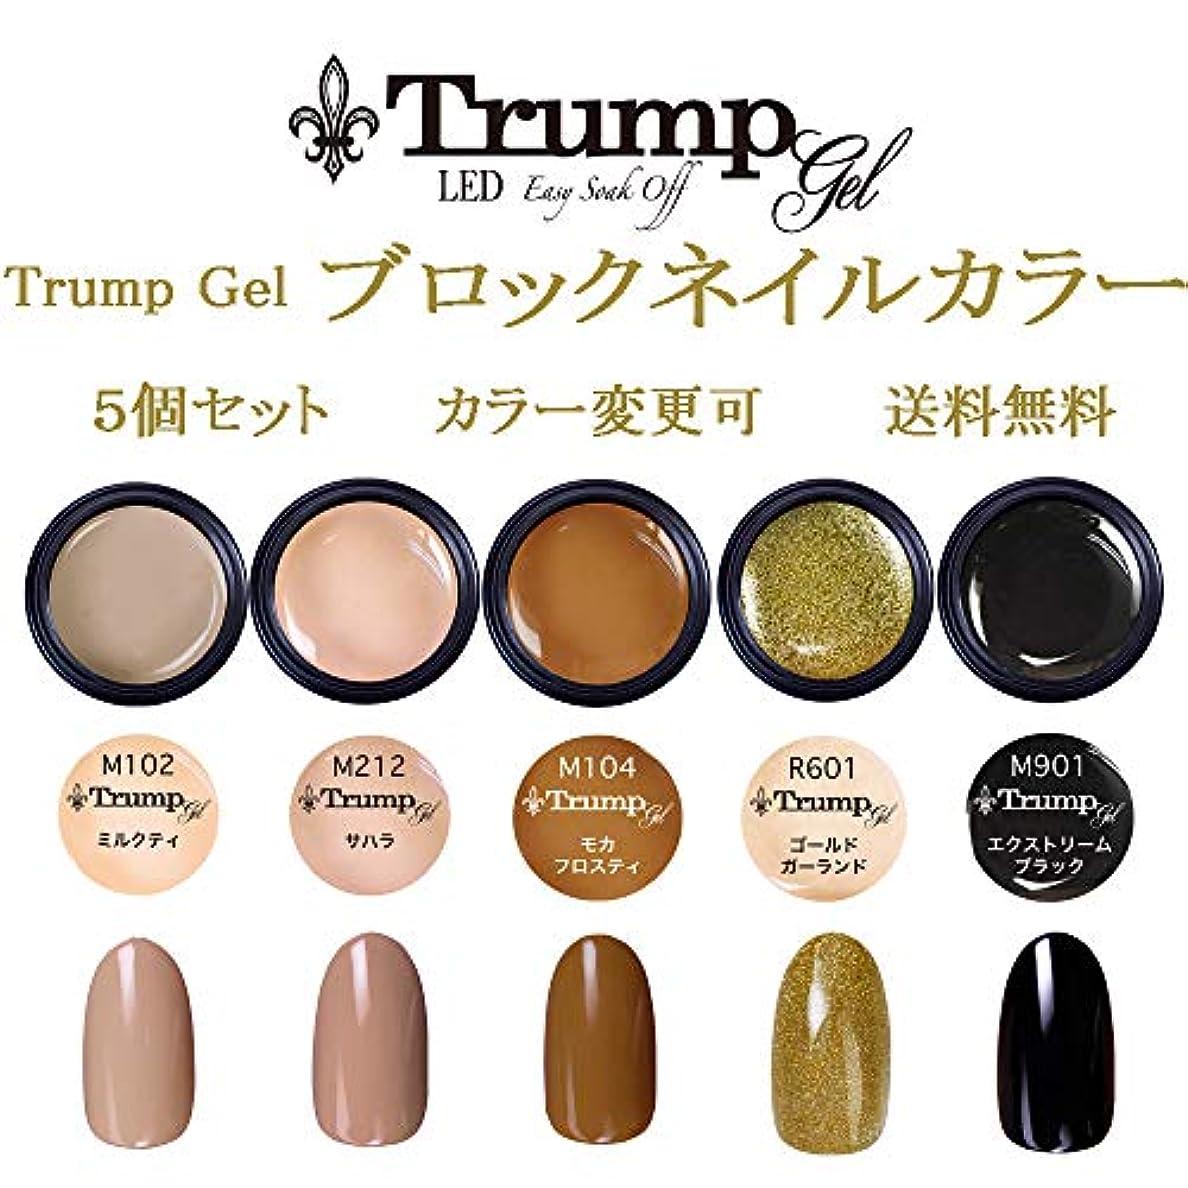 繰り返したスマイルヤギ日本製 Trump gel トランプジェル ブロックネイル 選べる カラージェル 5個セット ゴールド ラメ ブラウン ブラック ピンク ベージュ